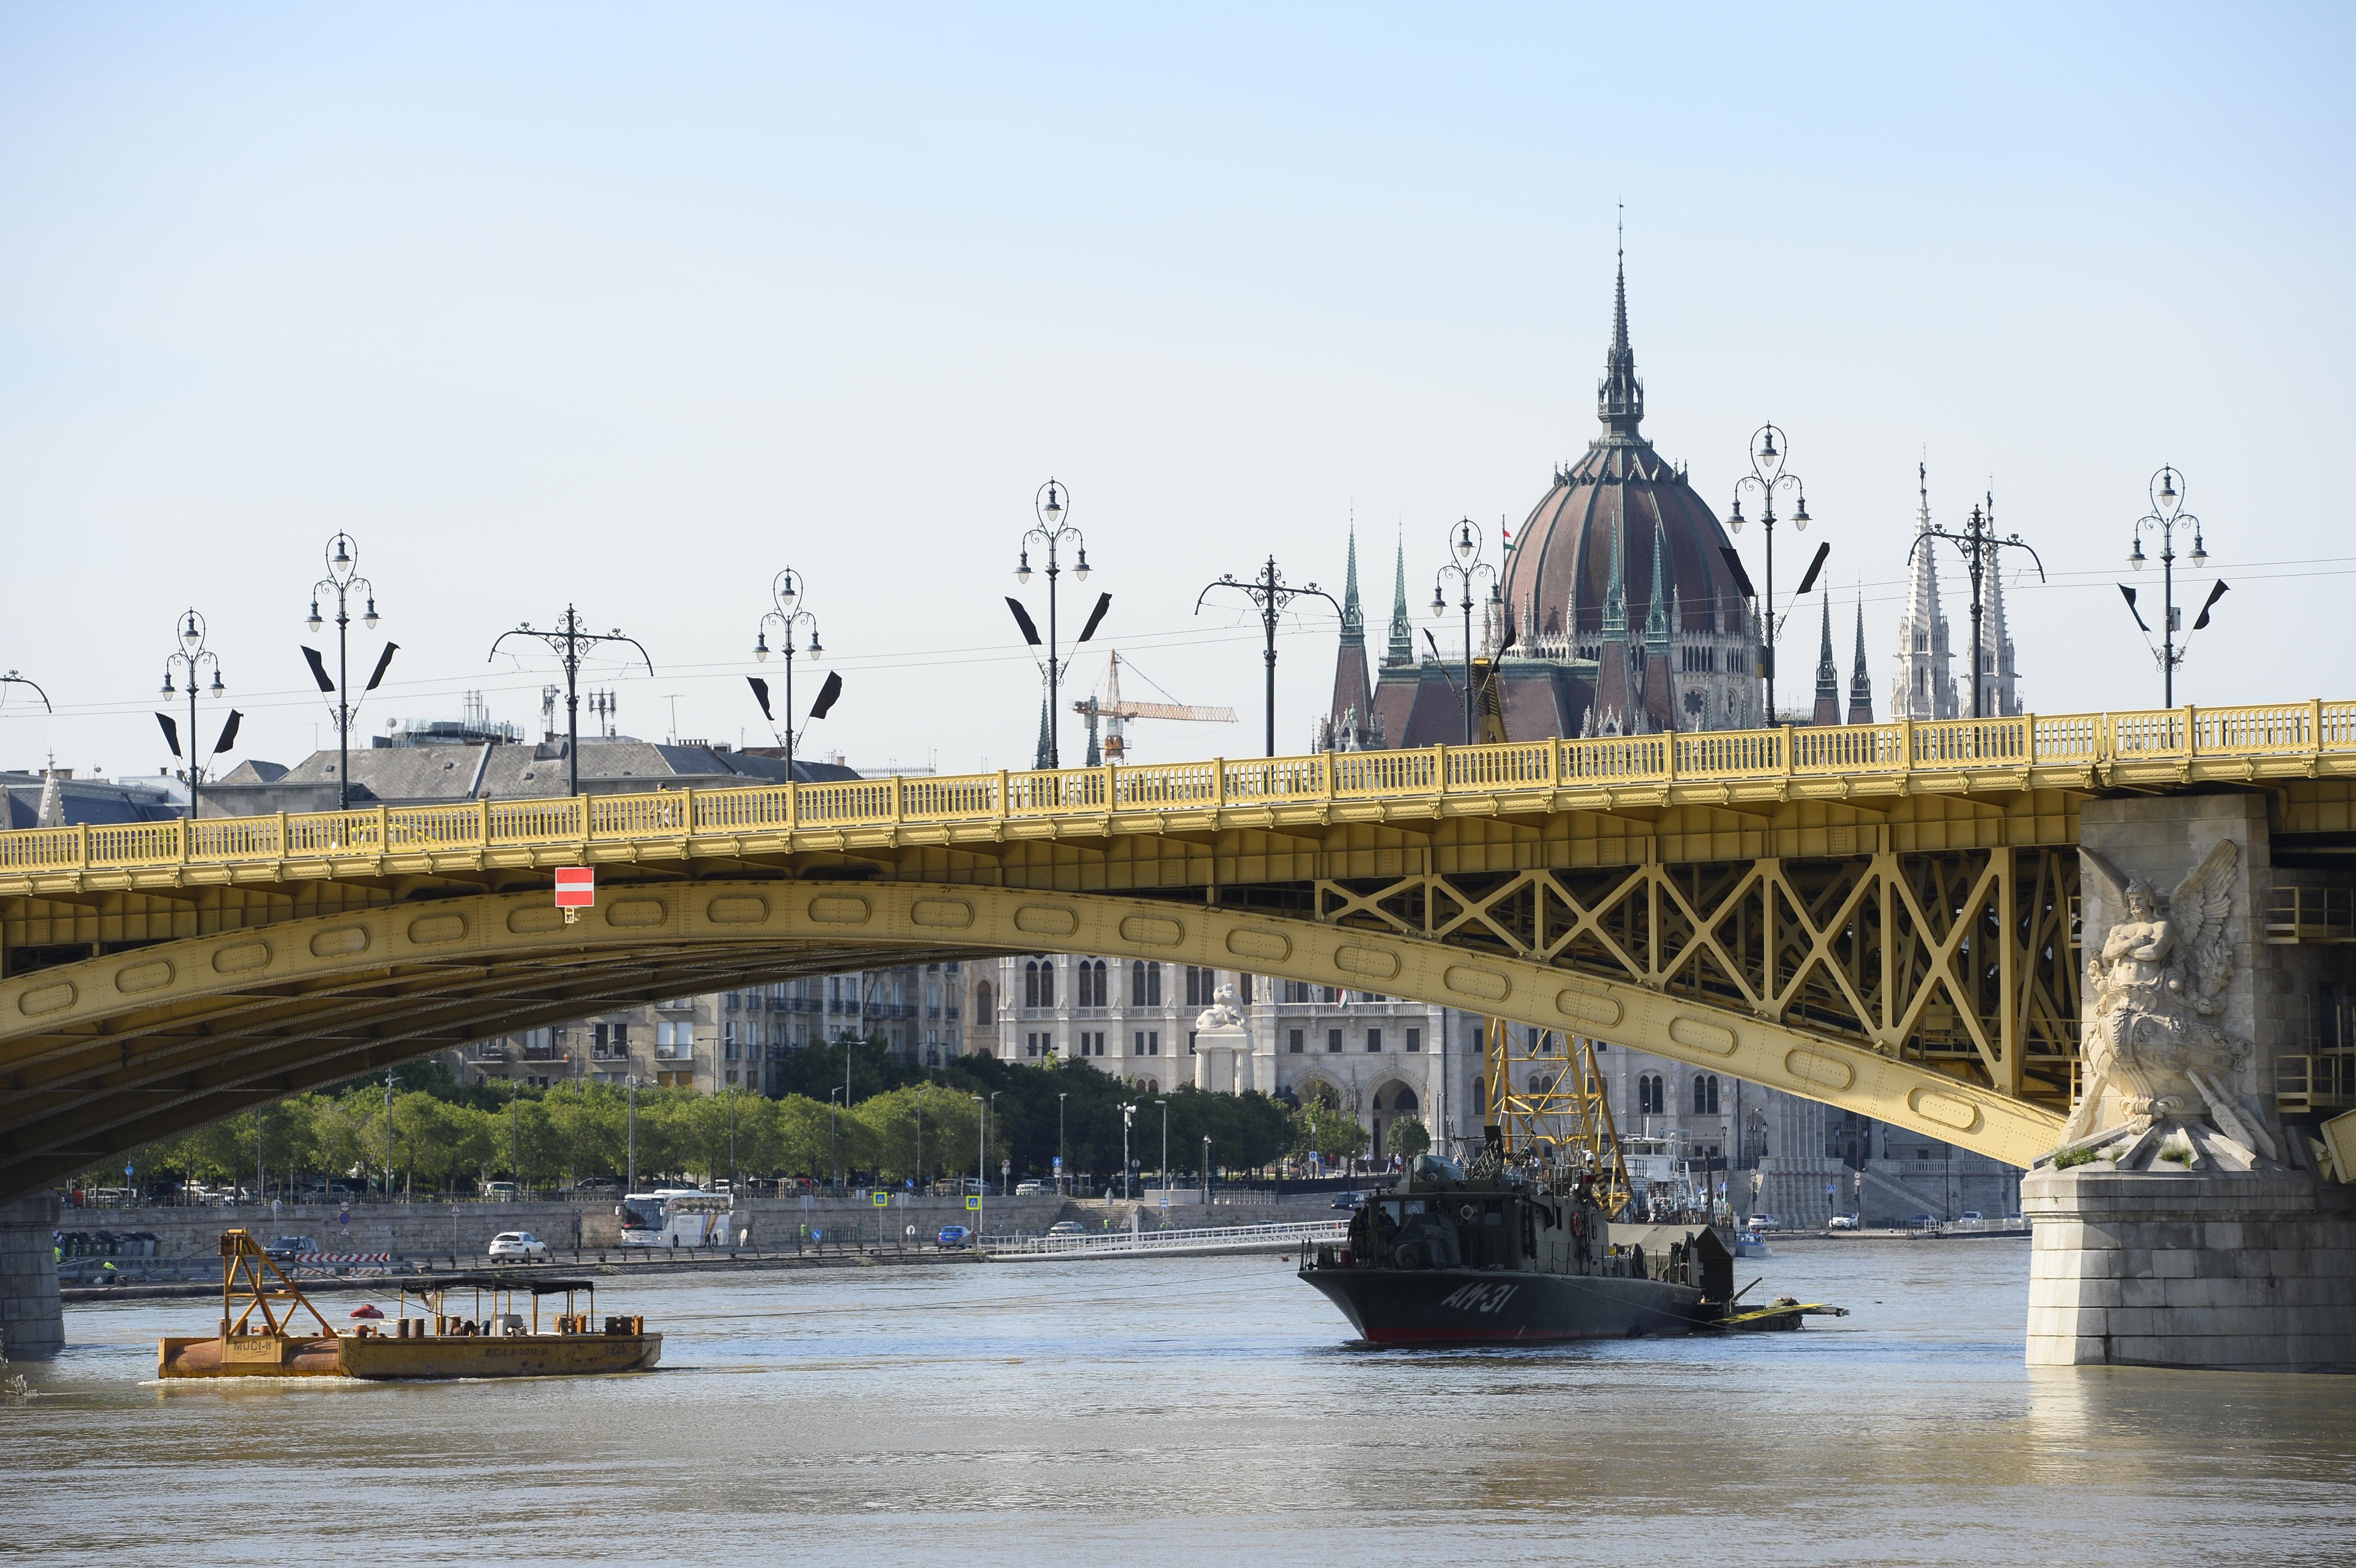 Schiffsunglück: Leiche 100 km südlich von Budapest gefunden post's picture